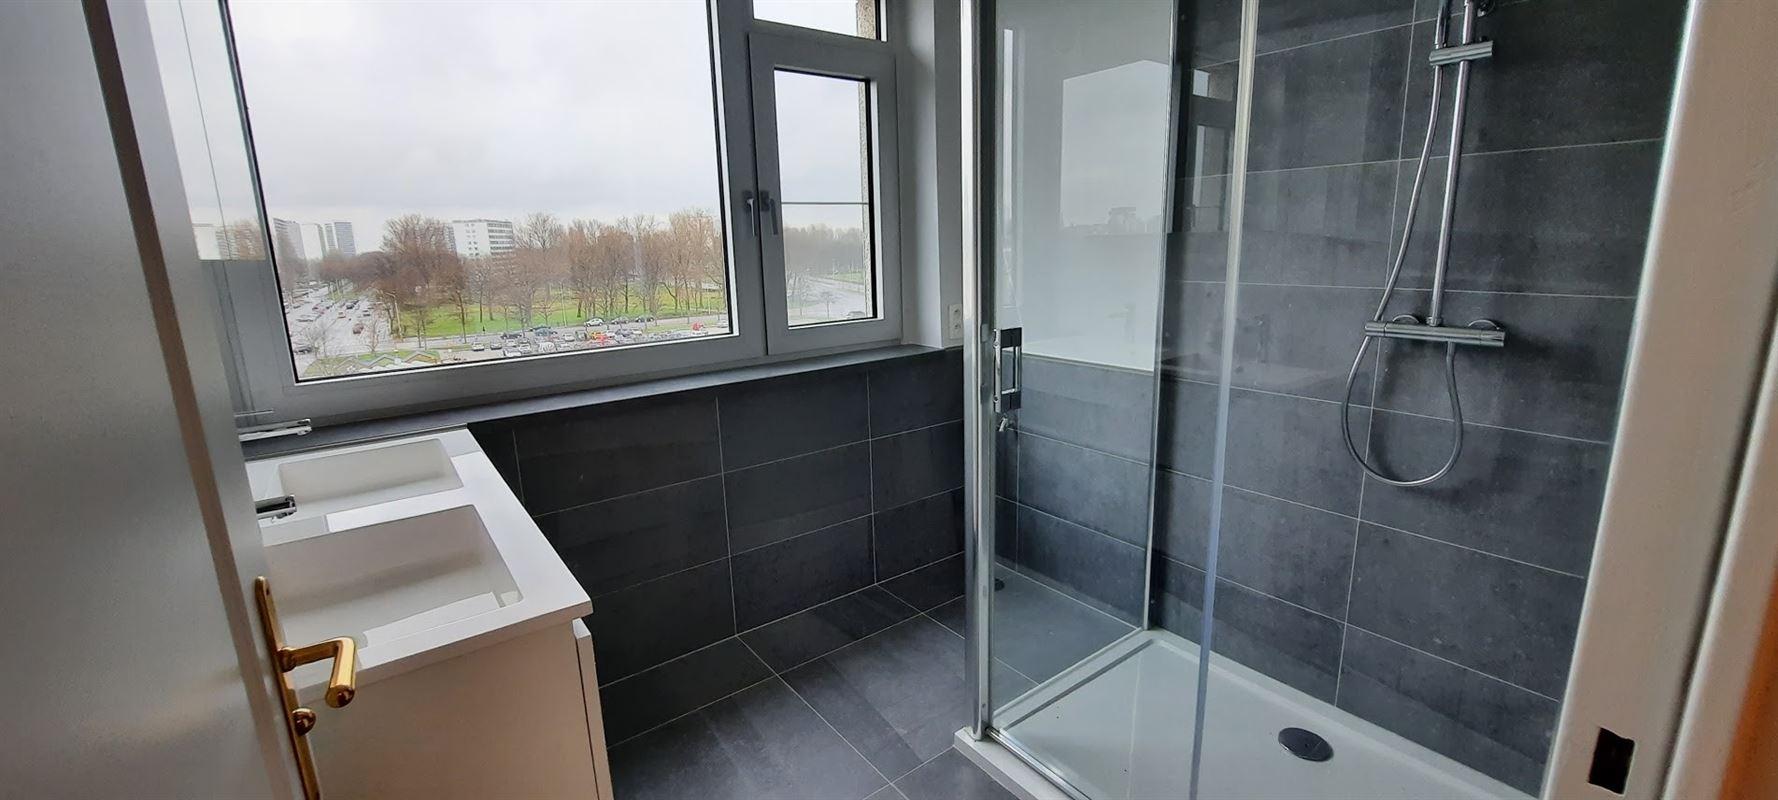 Foto 11 : Appartement te 2050 ANTWERPEN (België) - Prijs € 870